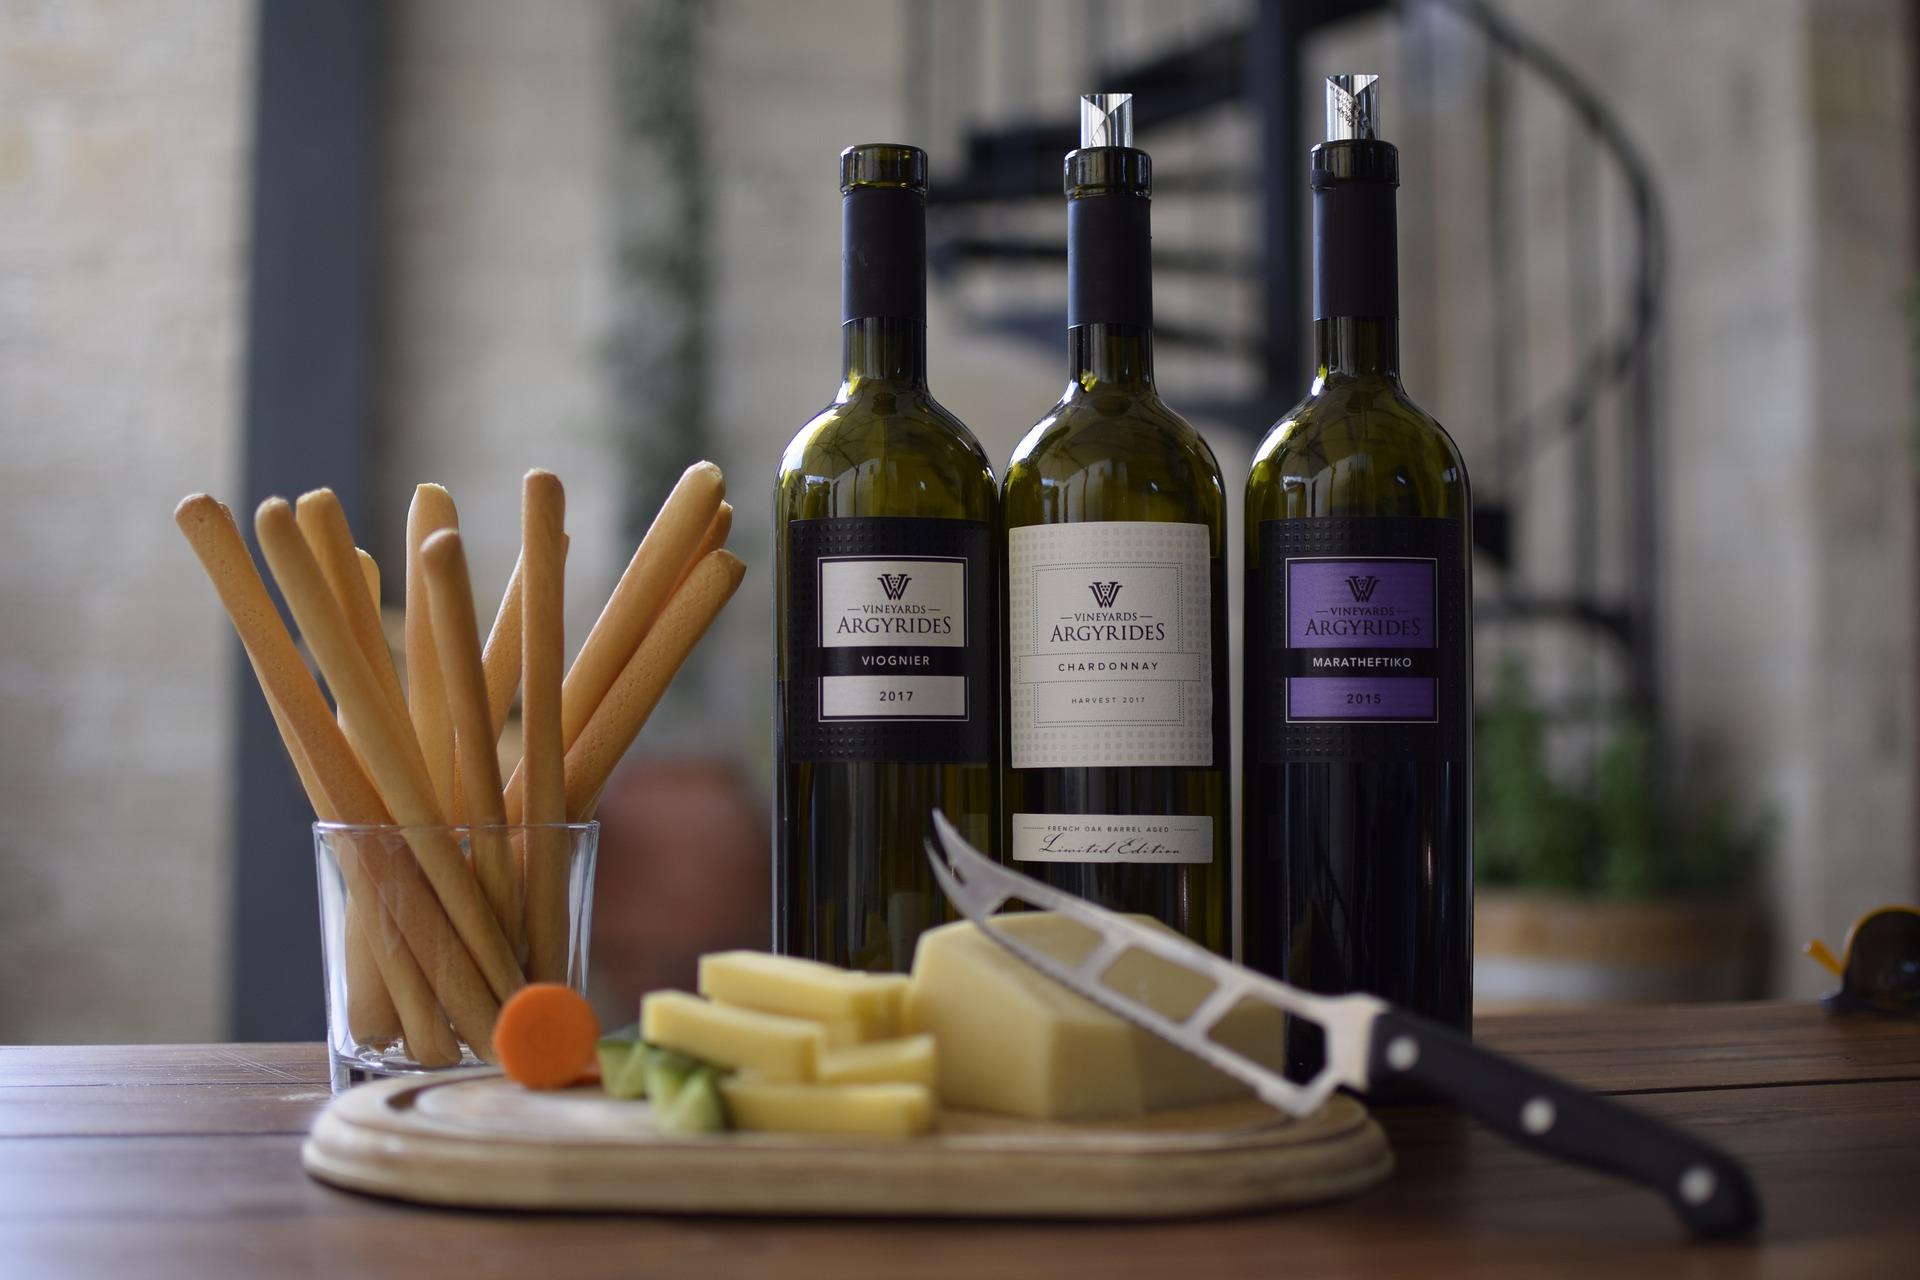 Víno a sýr benzoany